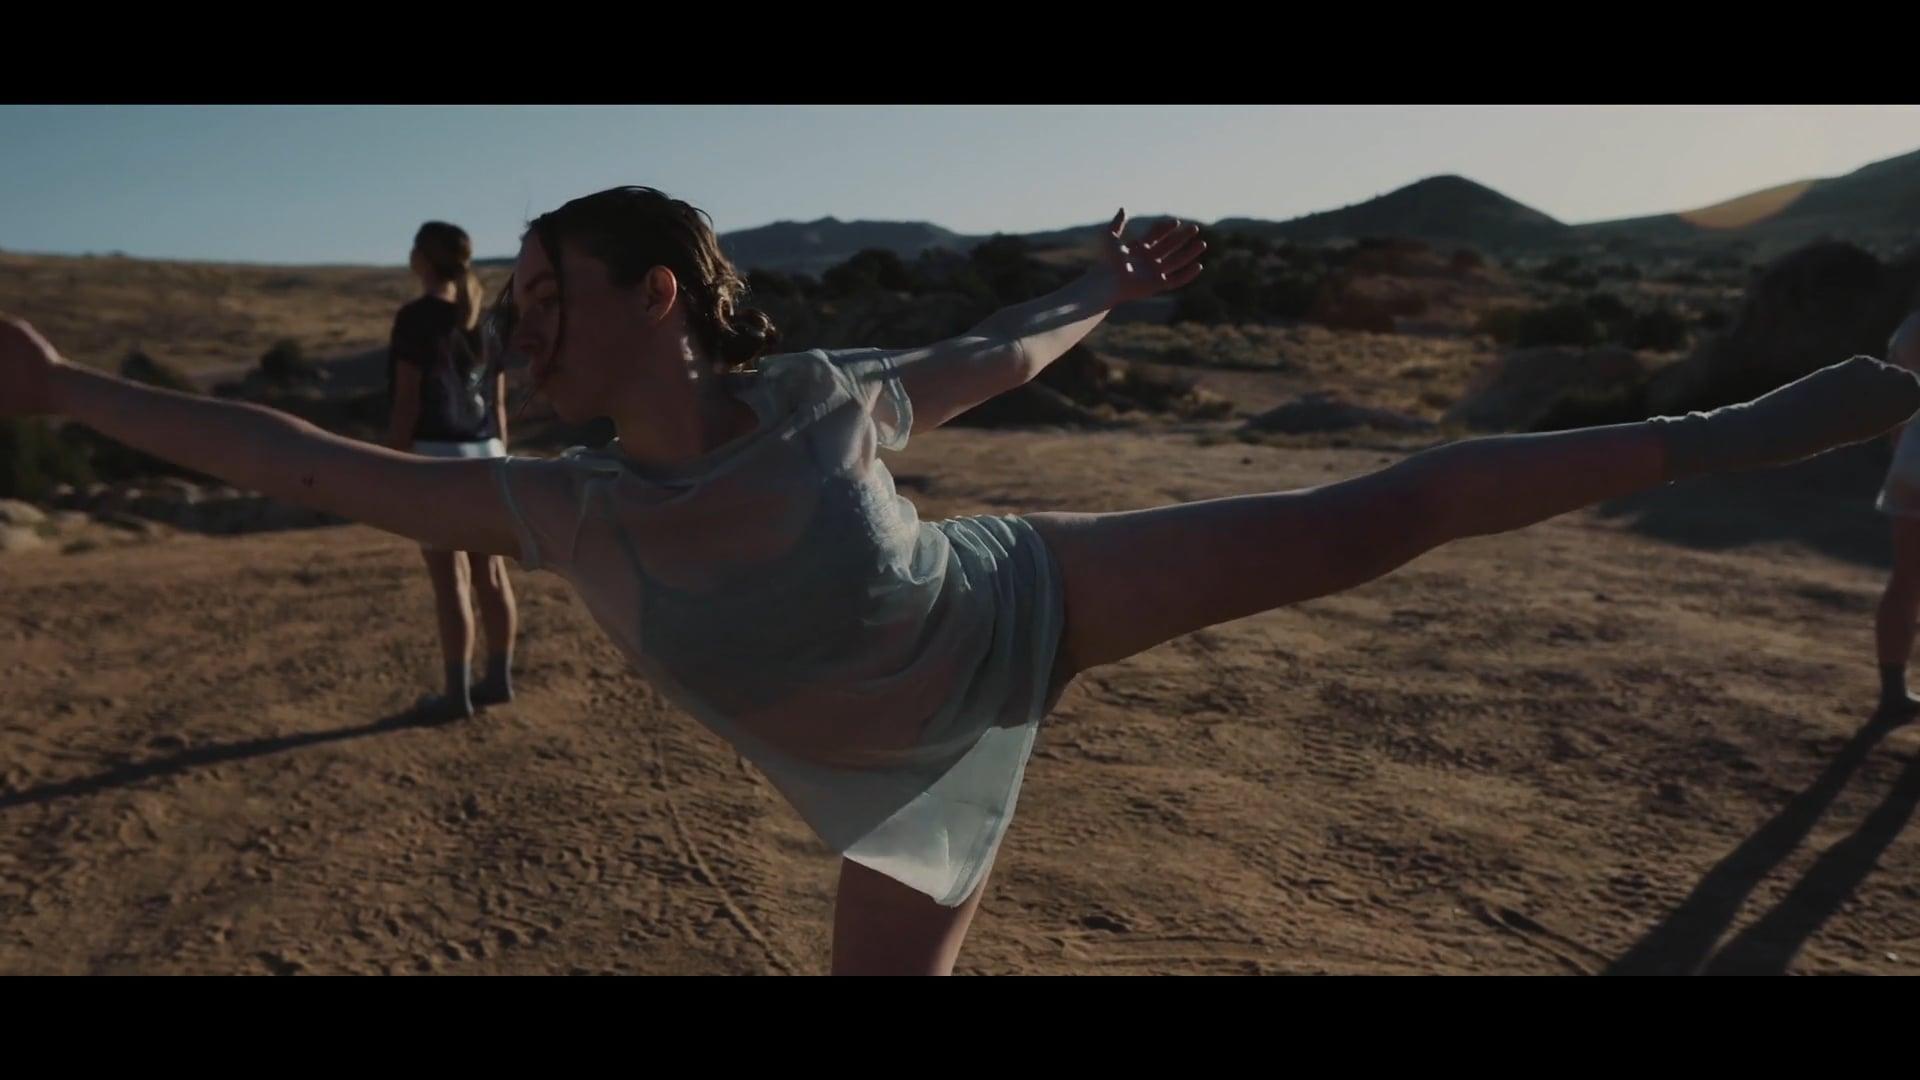 Utah Dance Film Festival - February 21-22